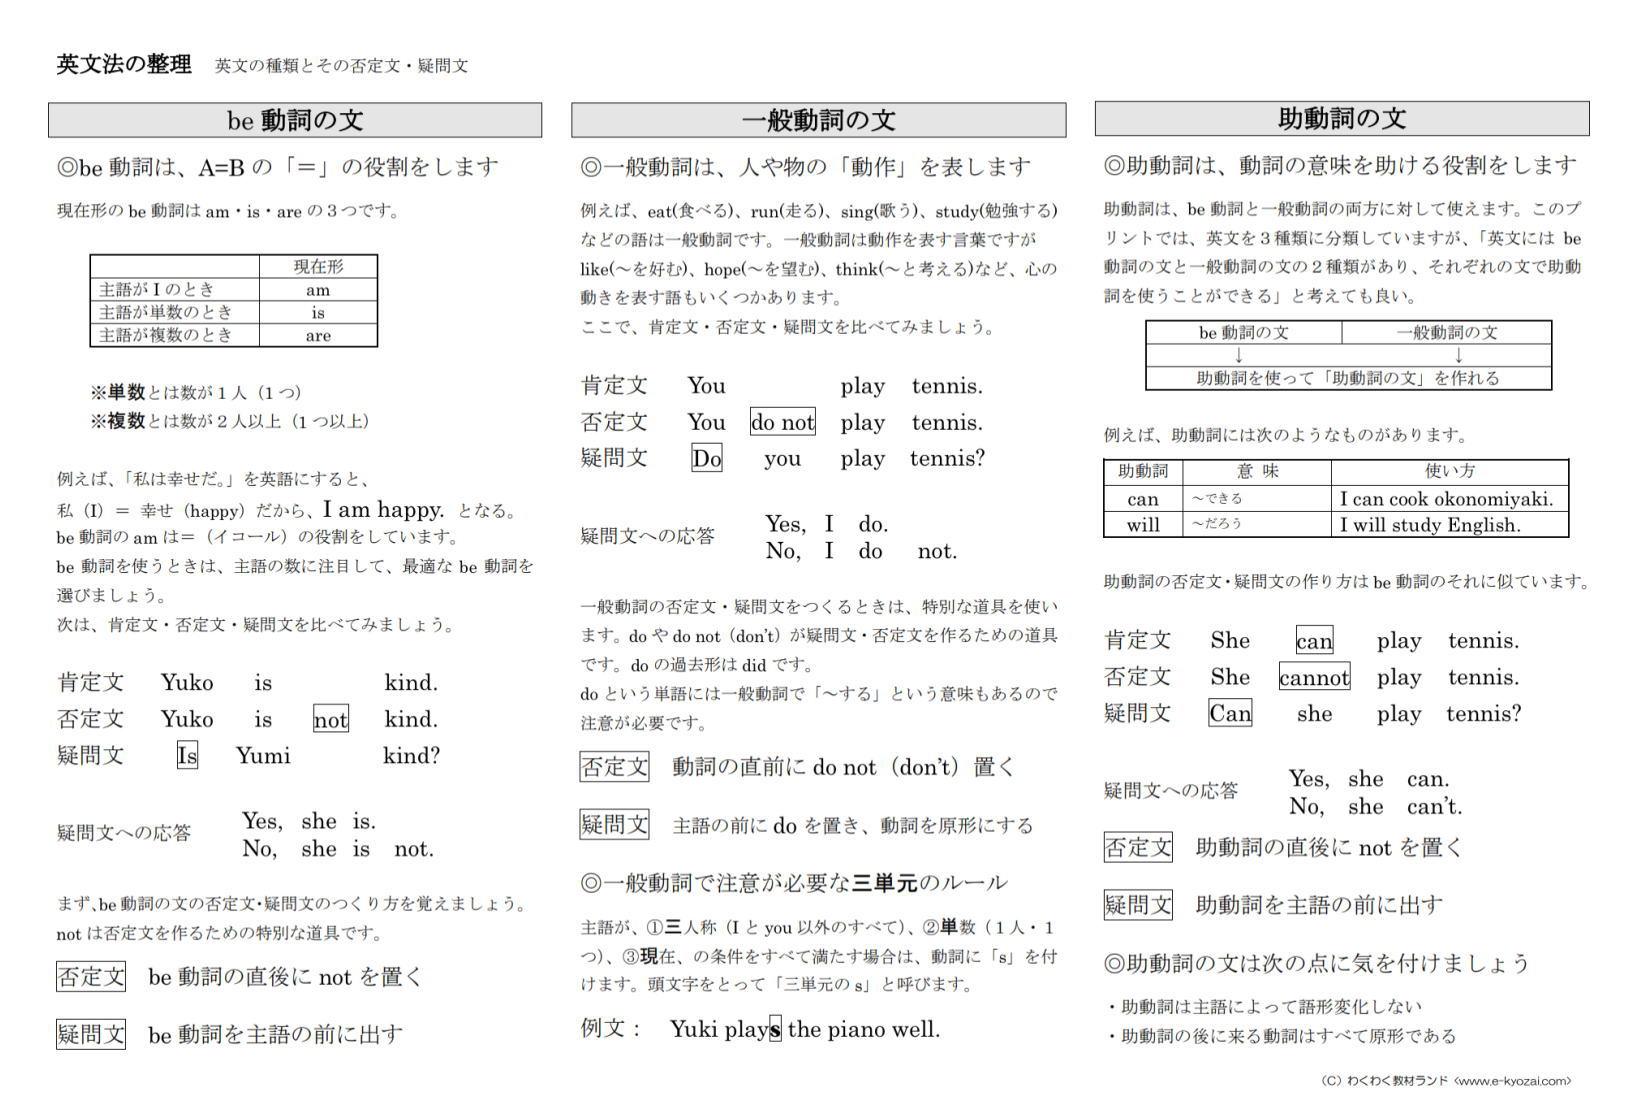 文法説明の画像